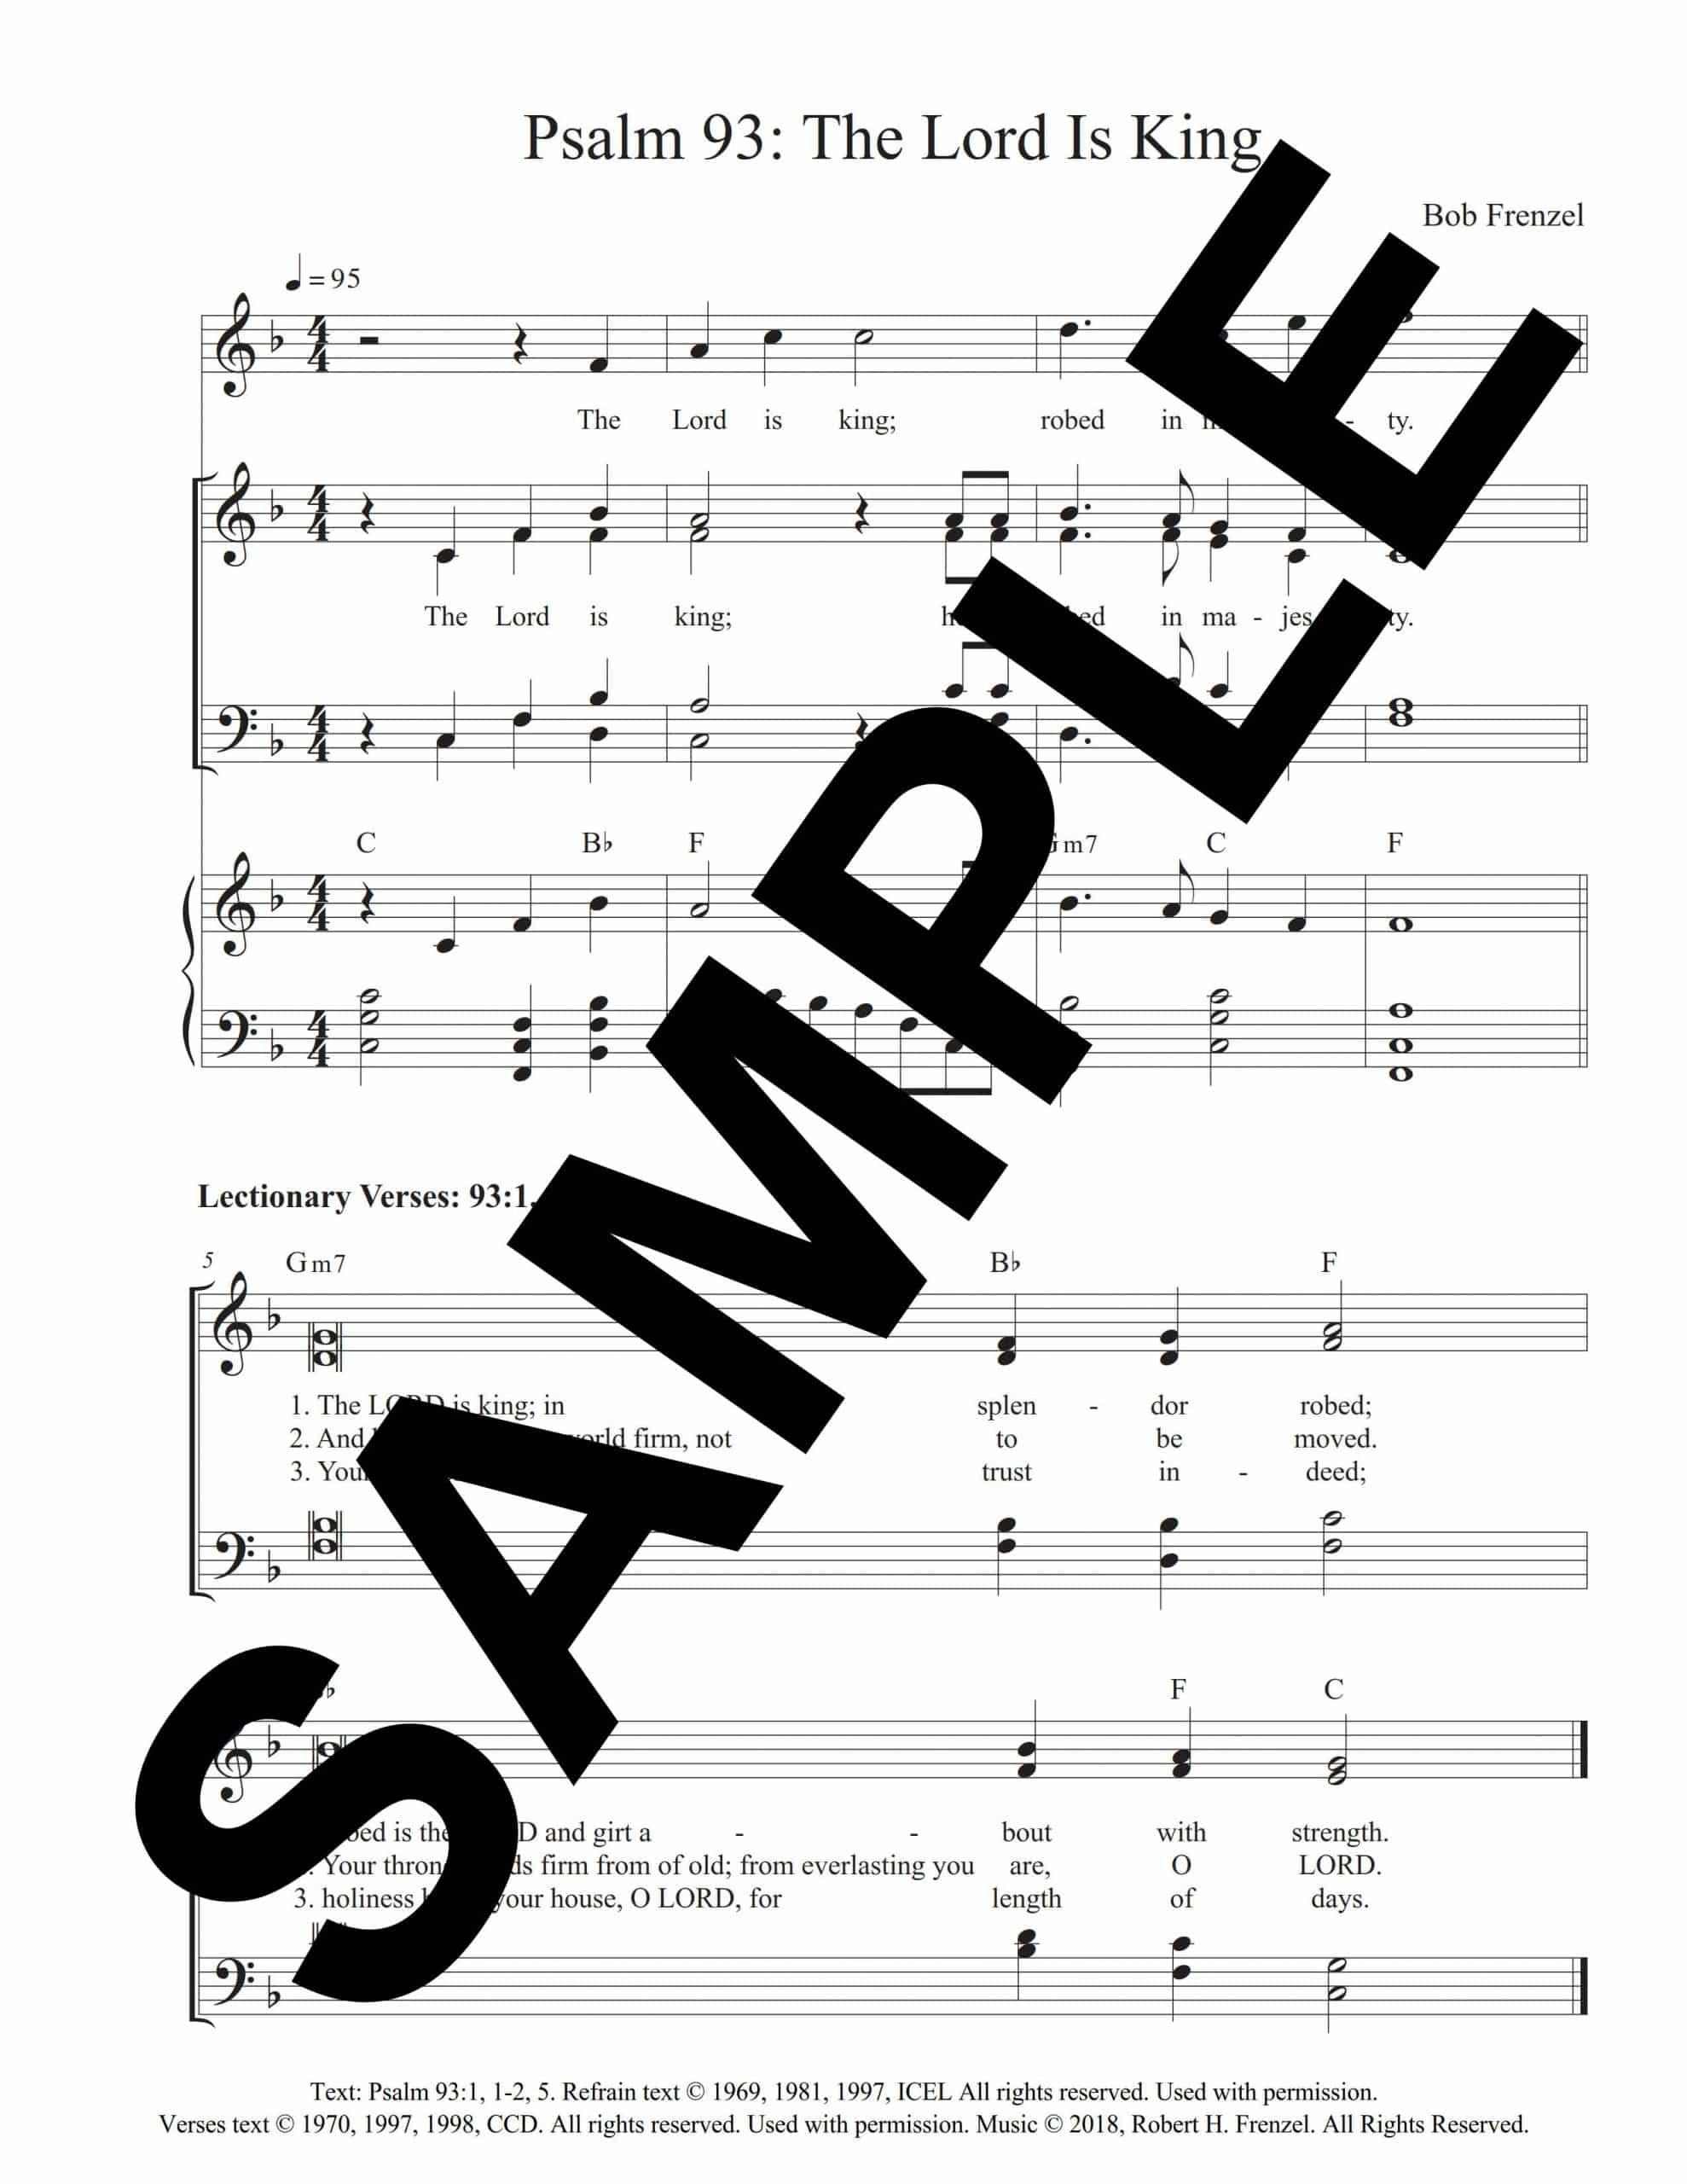 Psalm 93 Frenzel Sample Octavo scaled